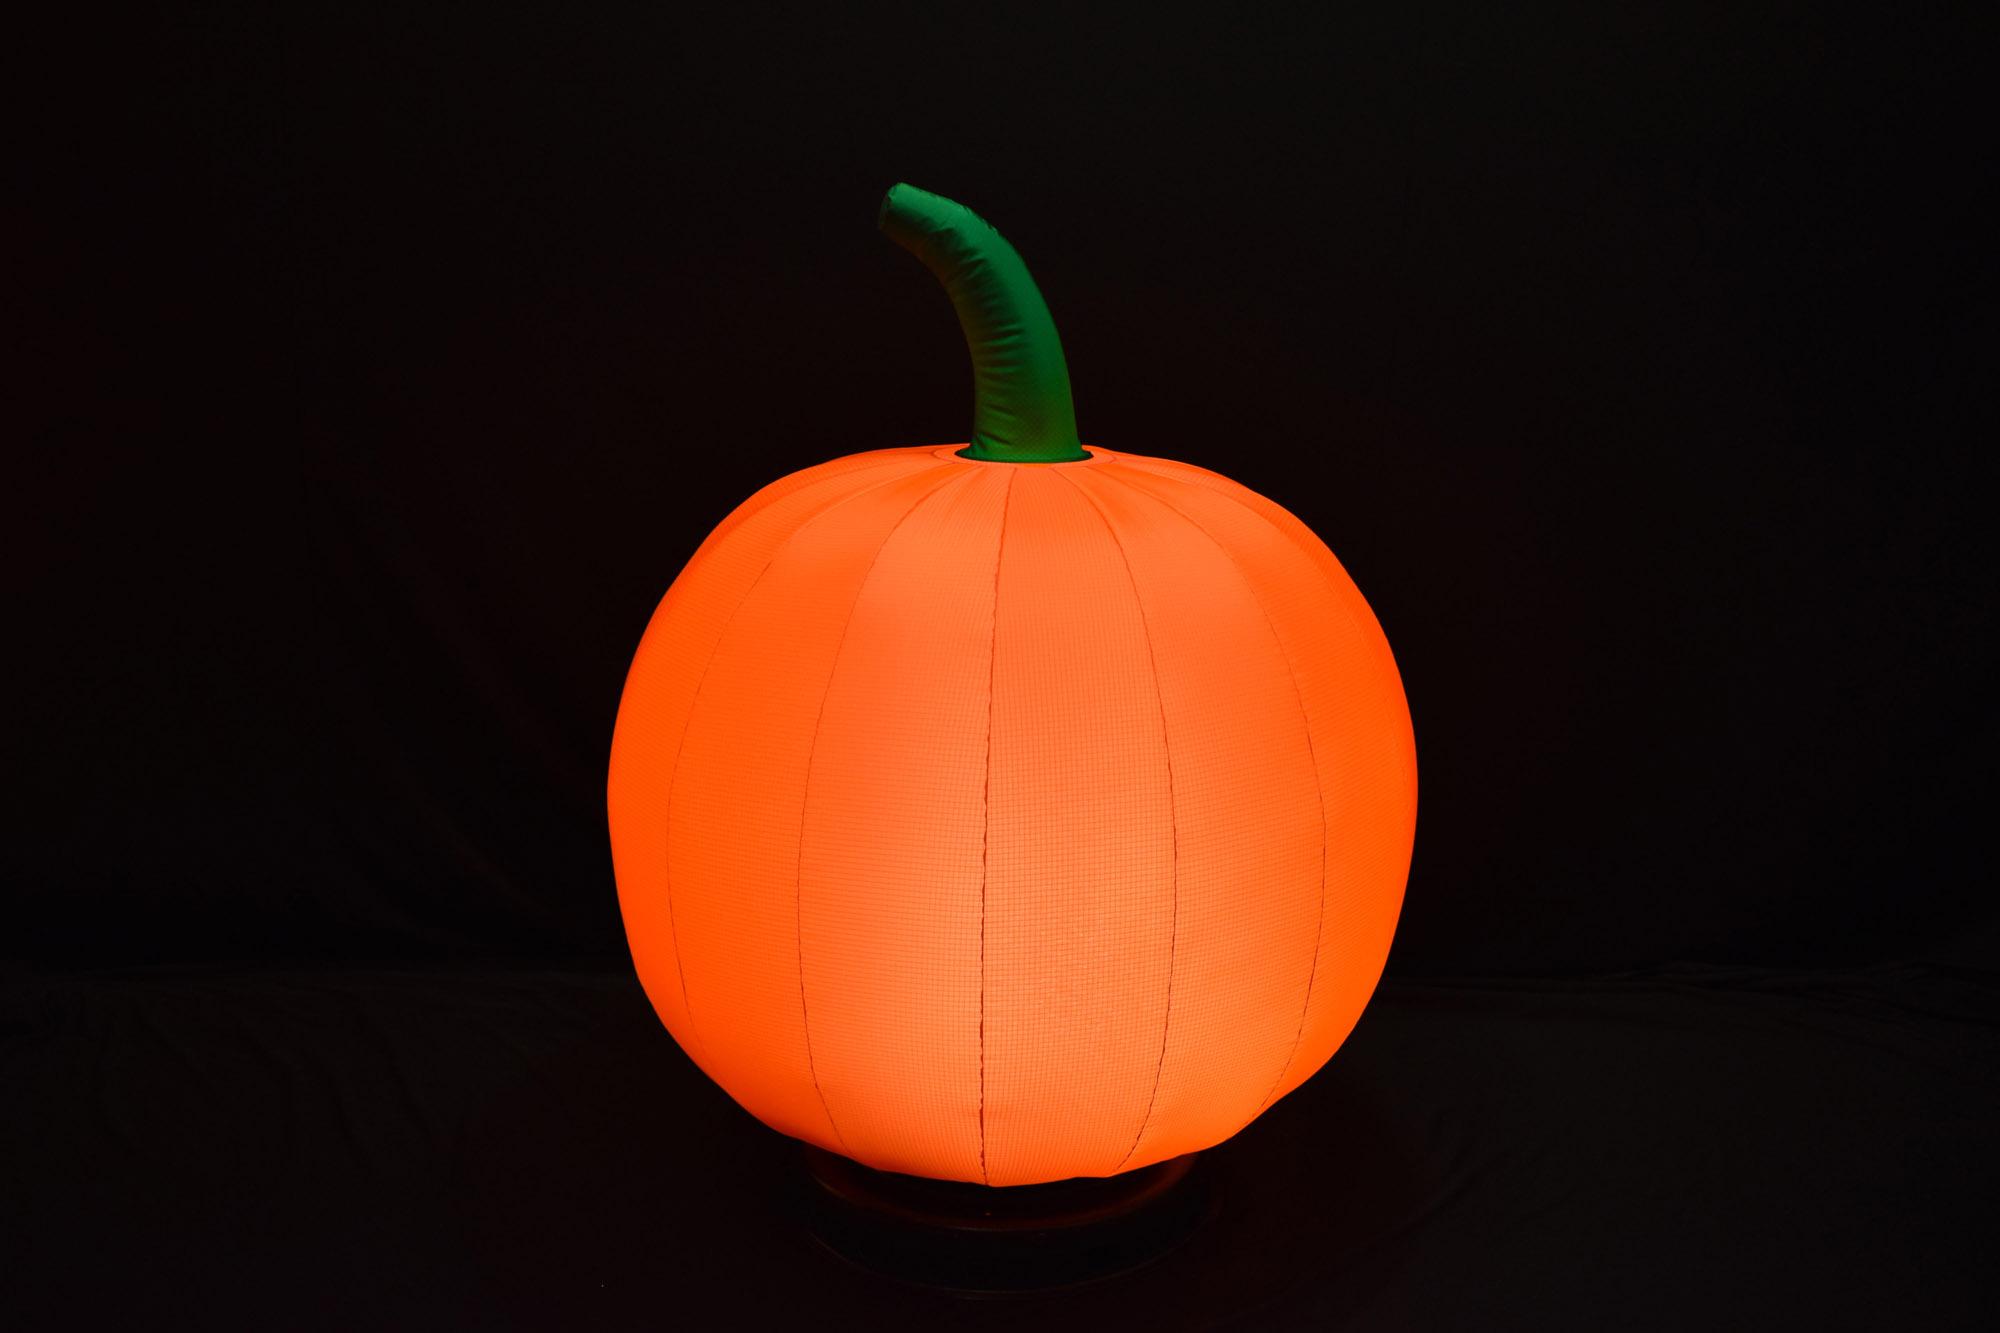 pumpkin-uai-2880x1920.jpg